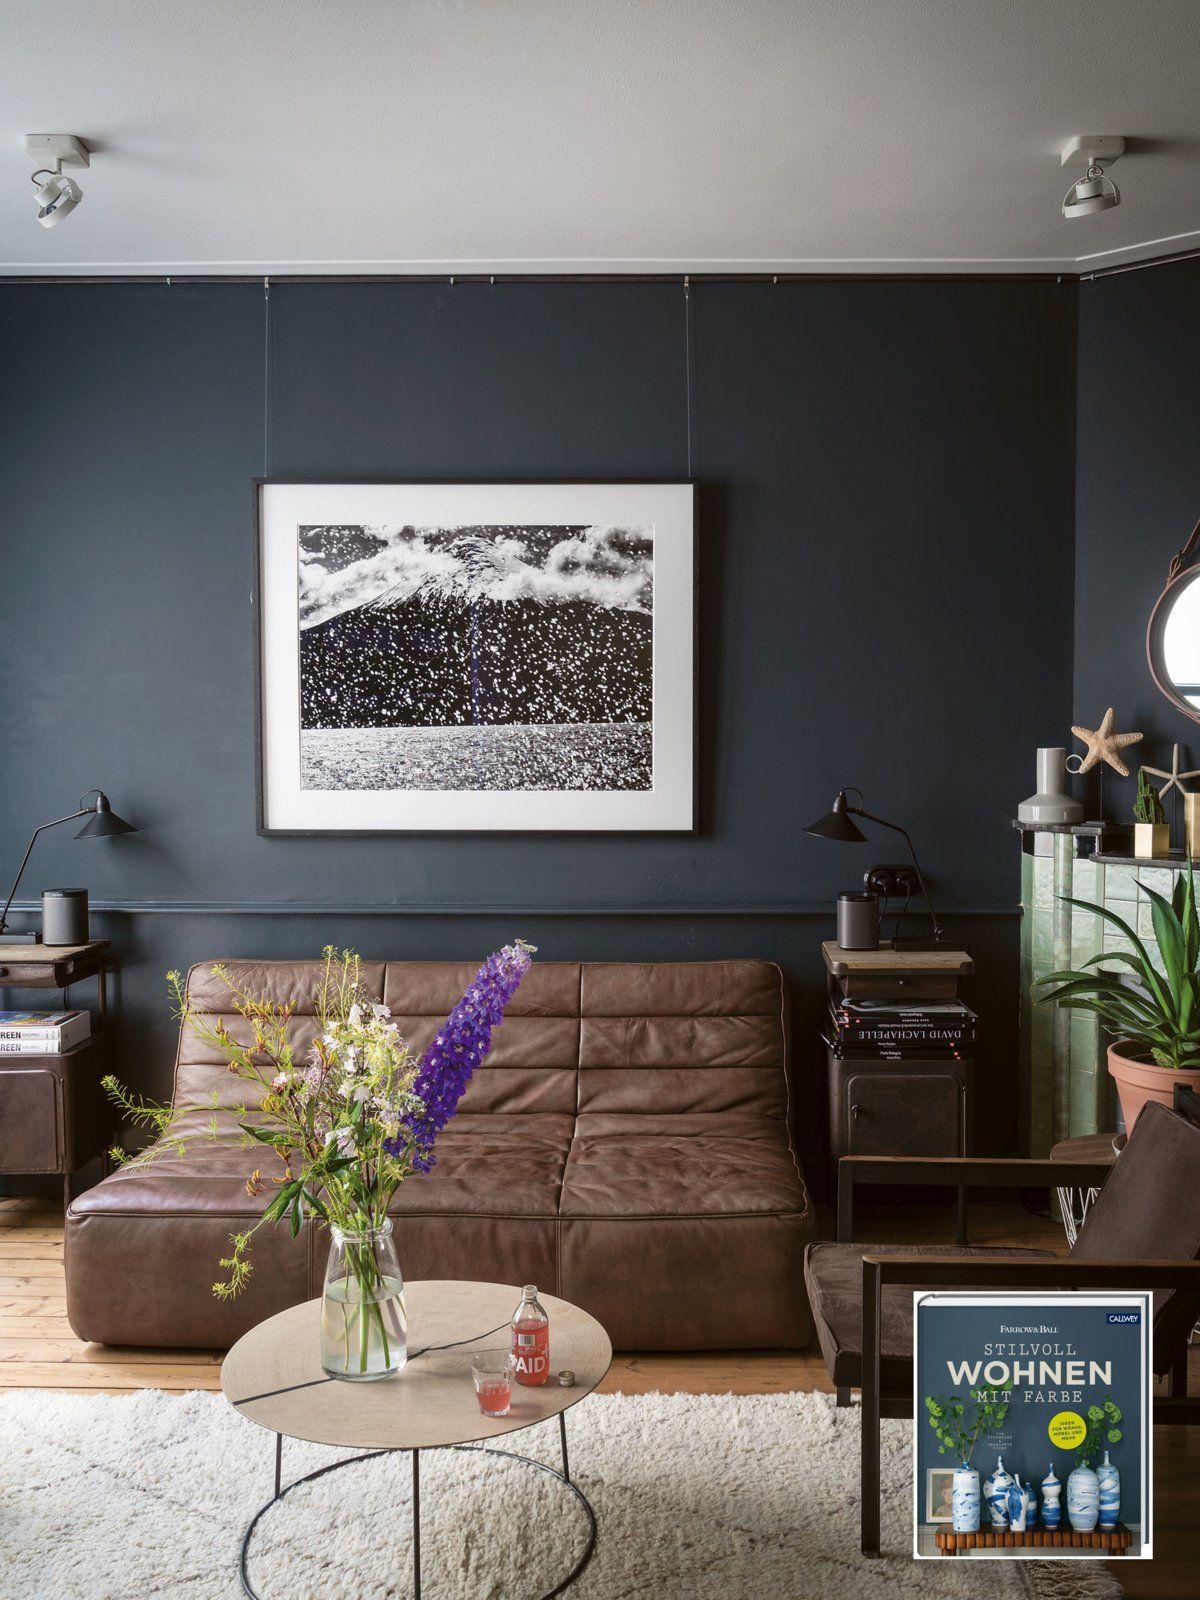 Wohntrends 2017: Deko, Möbel, Farben & Co. | Interiors